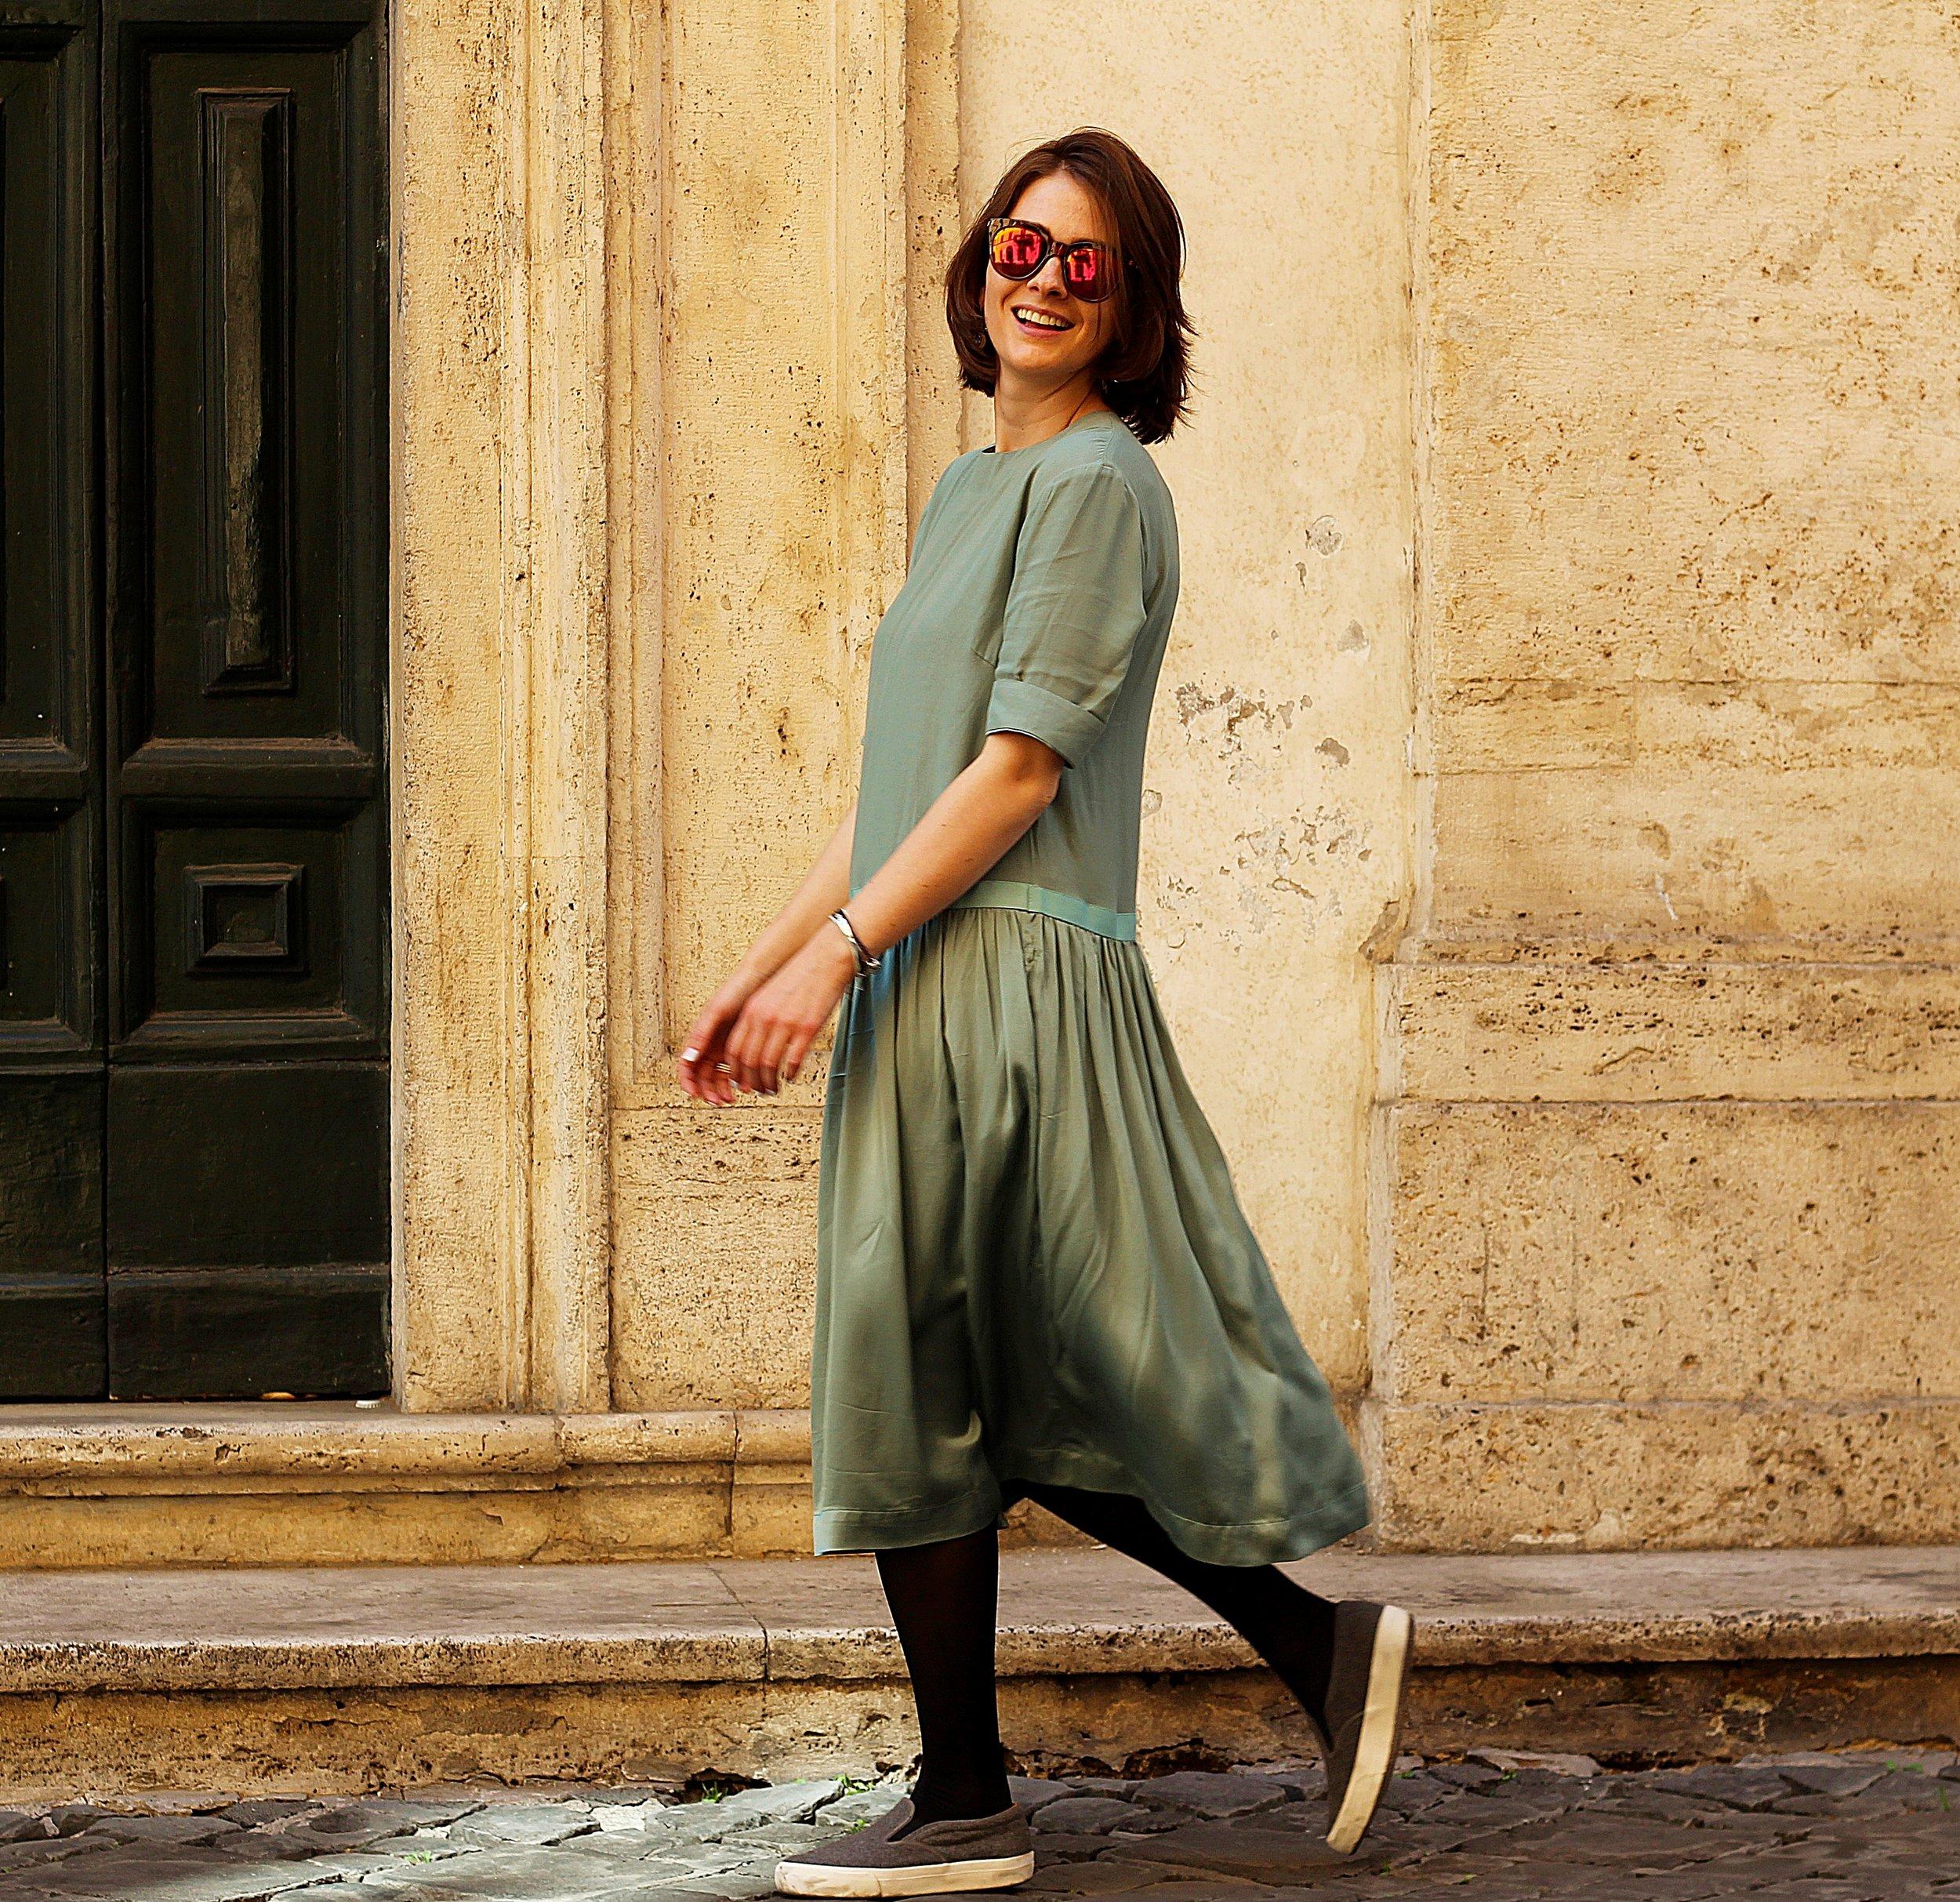 ann-a-porter-fashion-blog-roma-italy-blogger-annaporter(4)